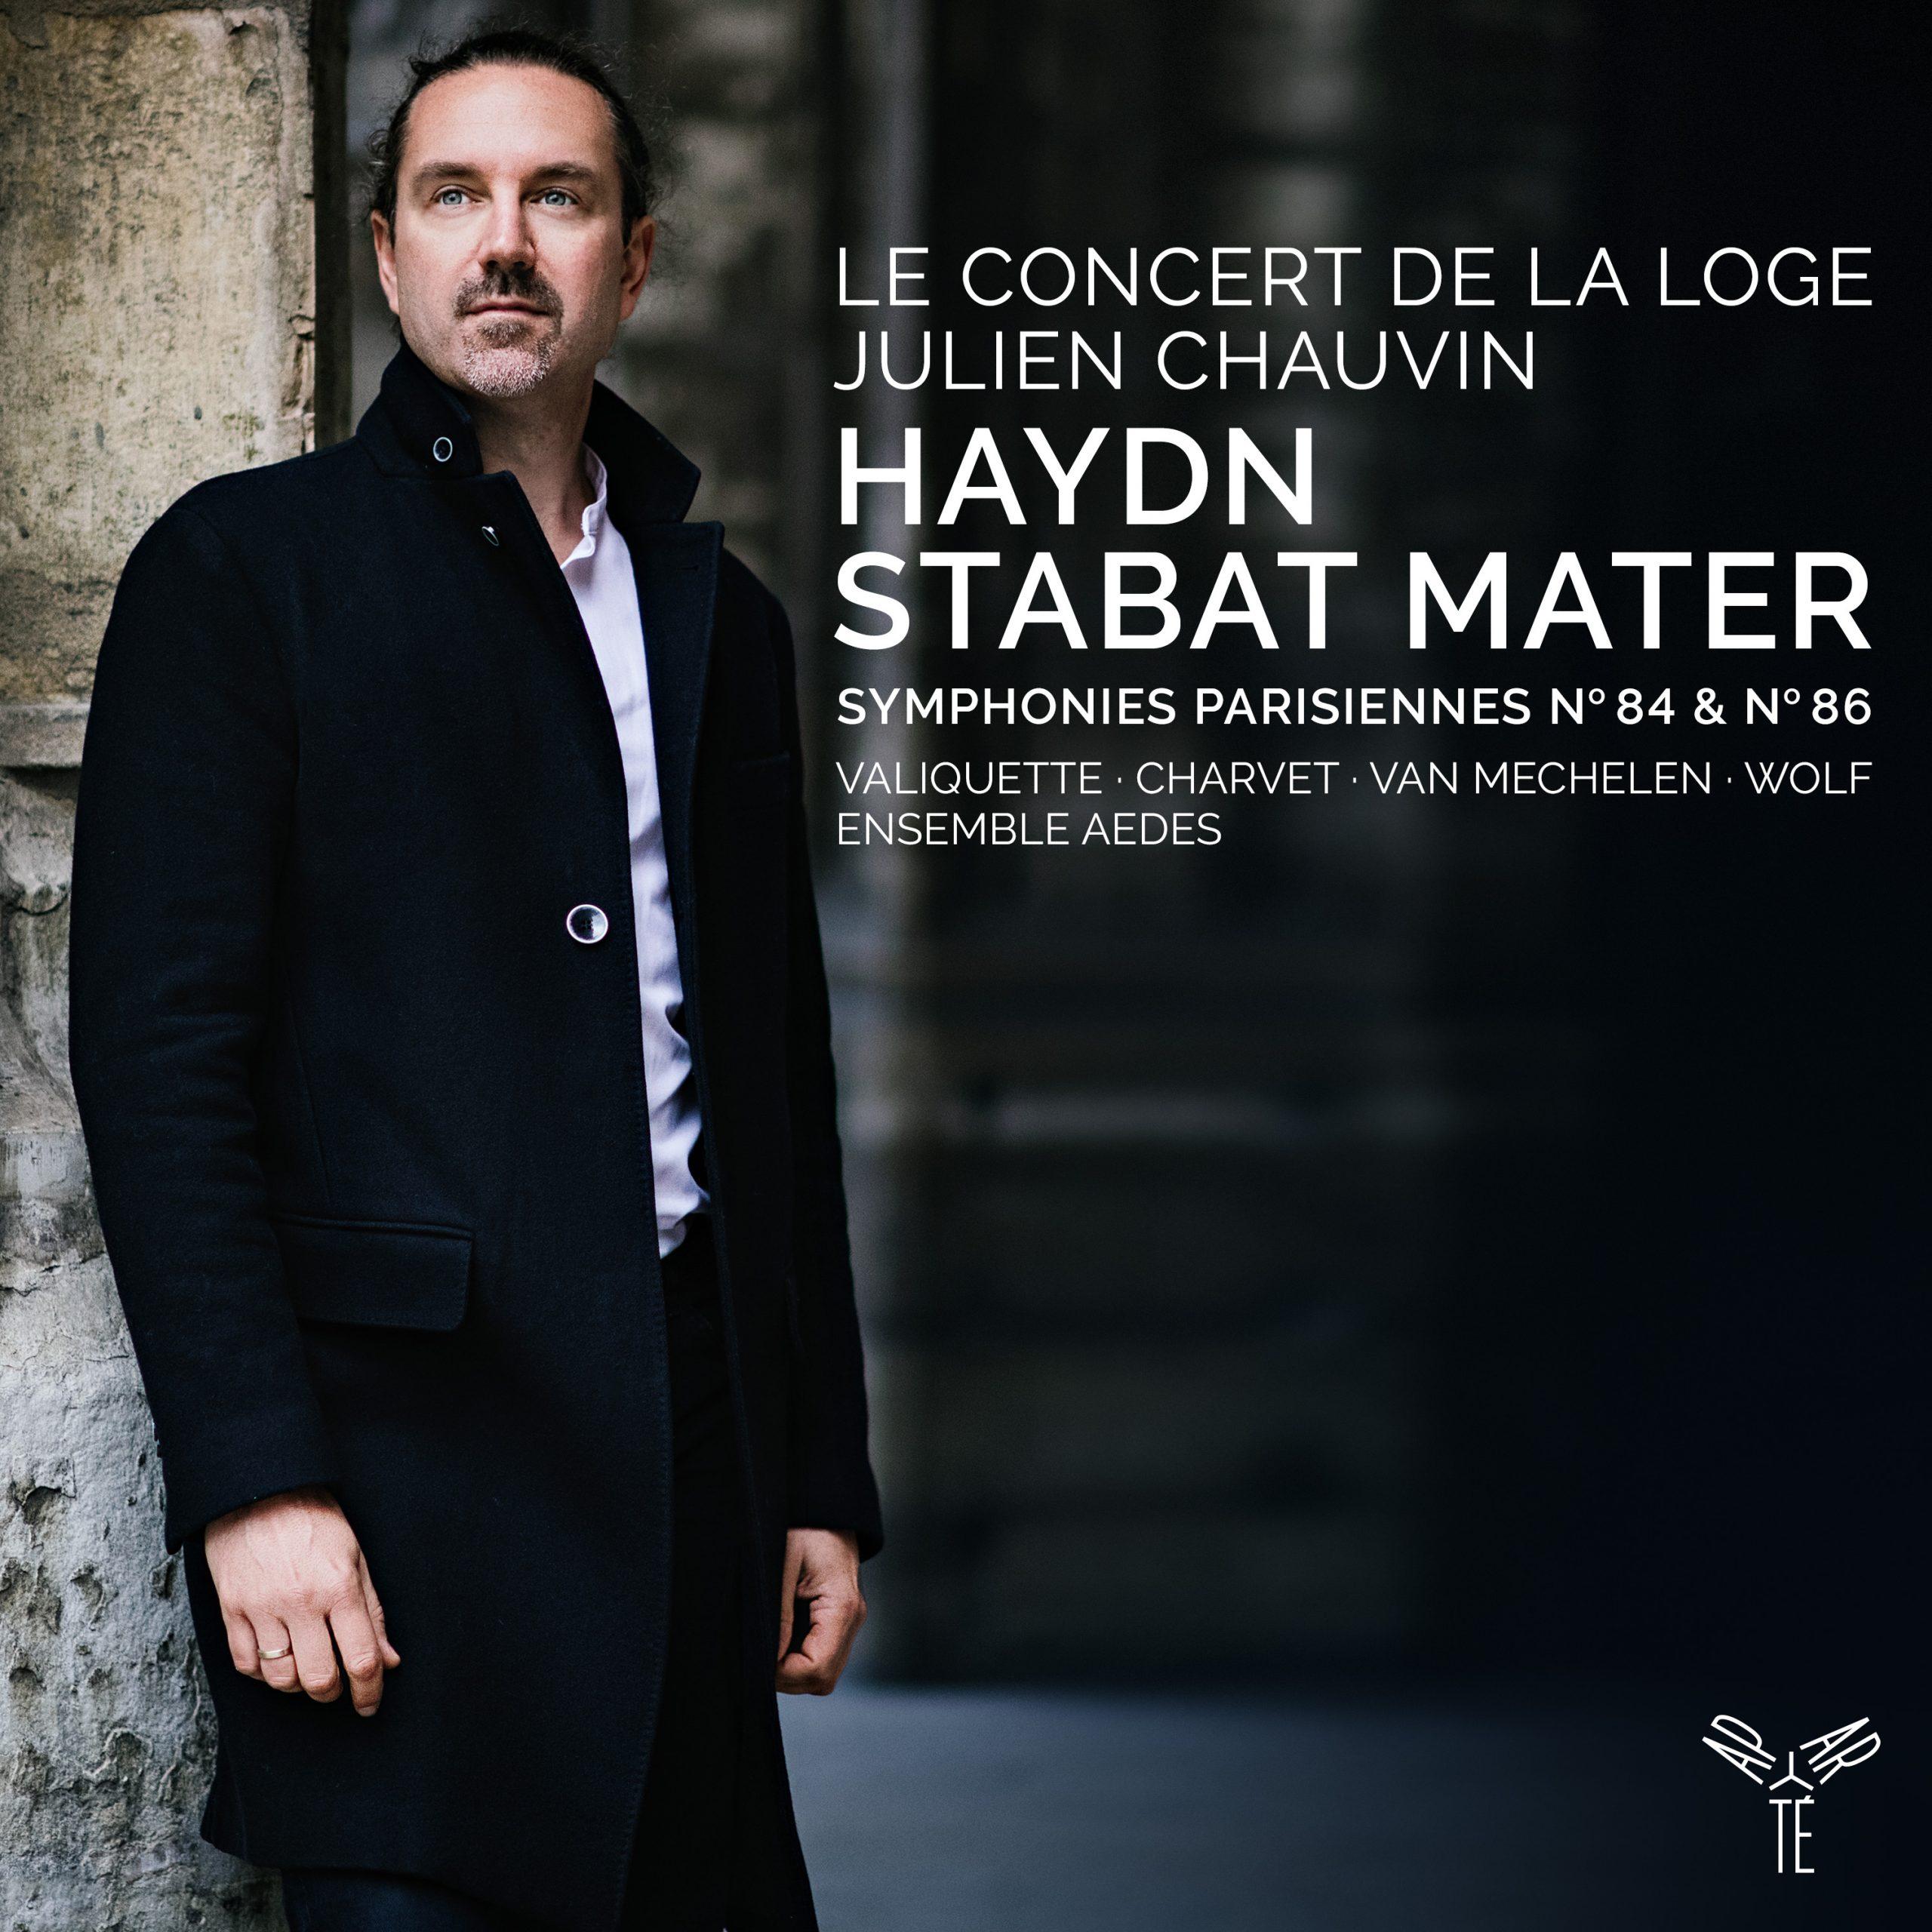 Haydn: Stabat Mater, Symphonies n° 84 & 86